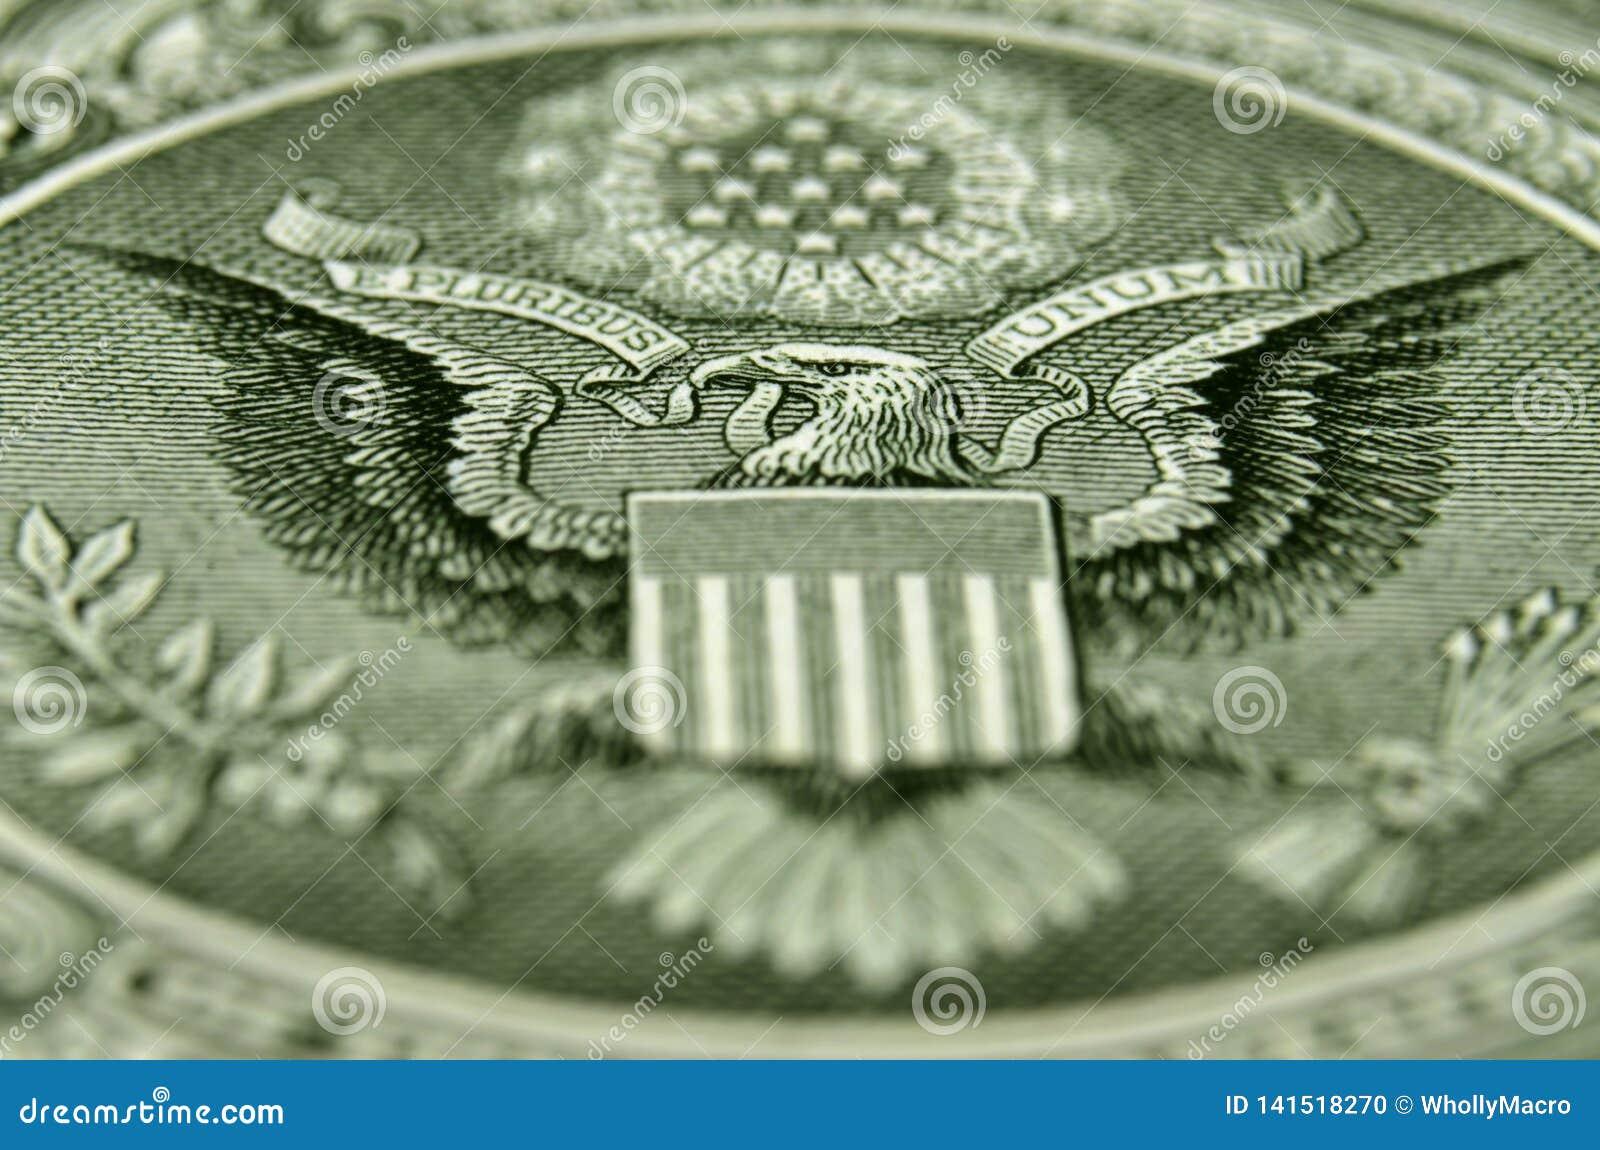 Πλάγια γωνία που πυροβολείται της πλάτης των ΗΠΑ το λογαριασμό ενός δολαρίου, που χαρακτηρίζει τον αμερικανικό αετό